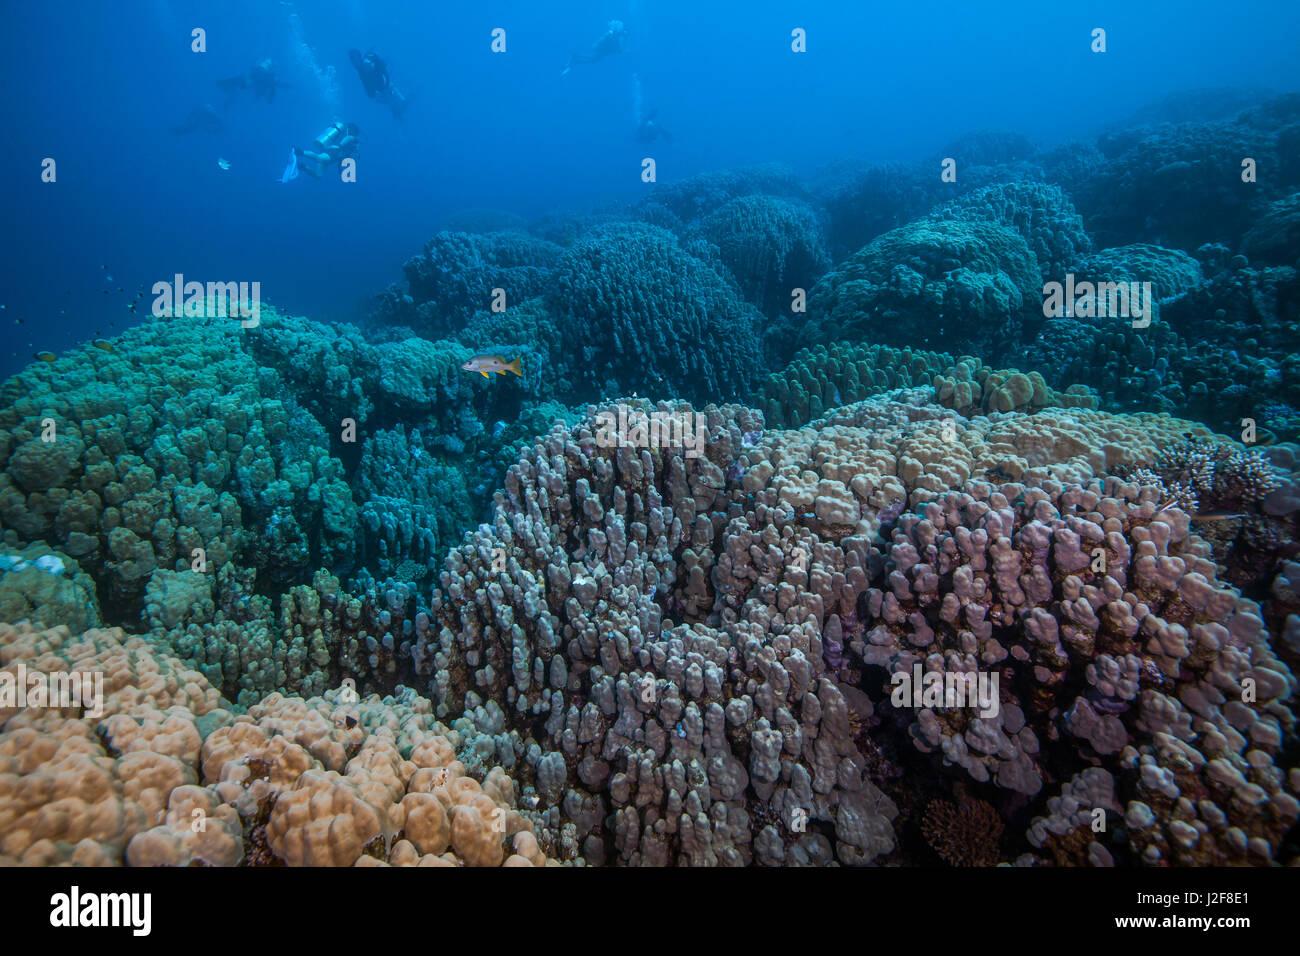 Los submarinistas exploran prístina coloridos arrecifes de coral en el Mar Rojo se extiende más allá de los ojos pueden ver. Puerto Ghalib, Egipto. Foto de stock